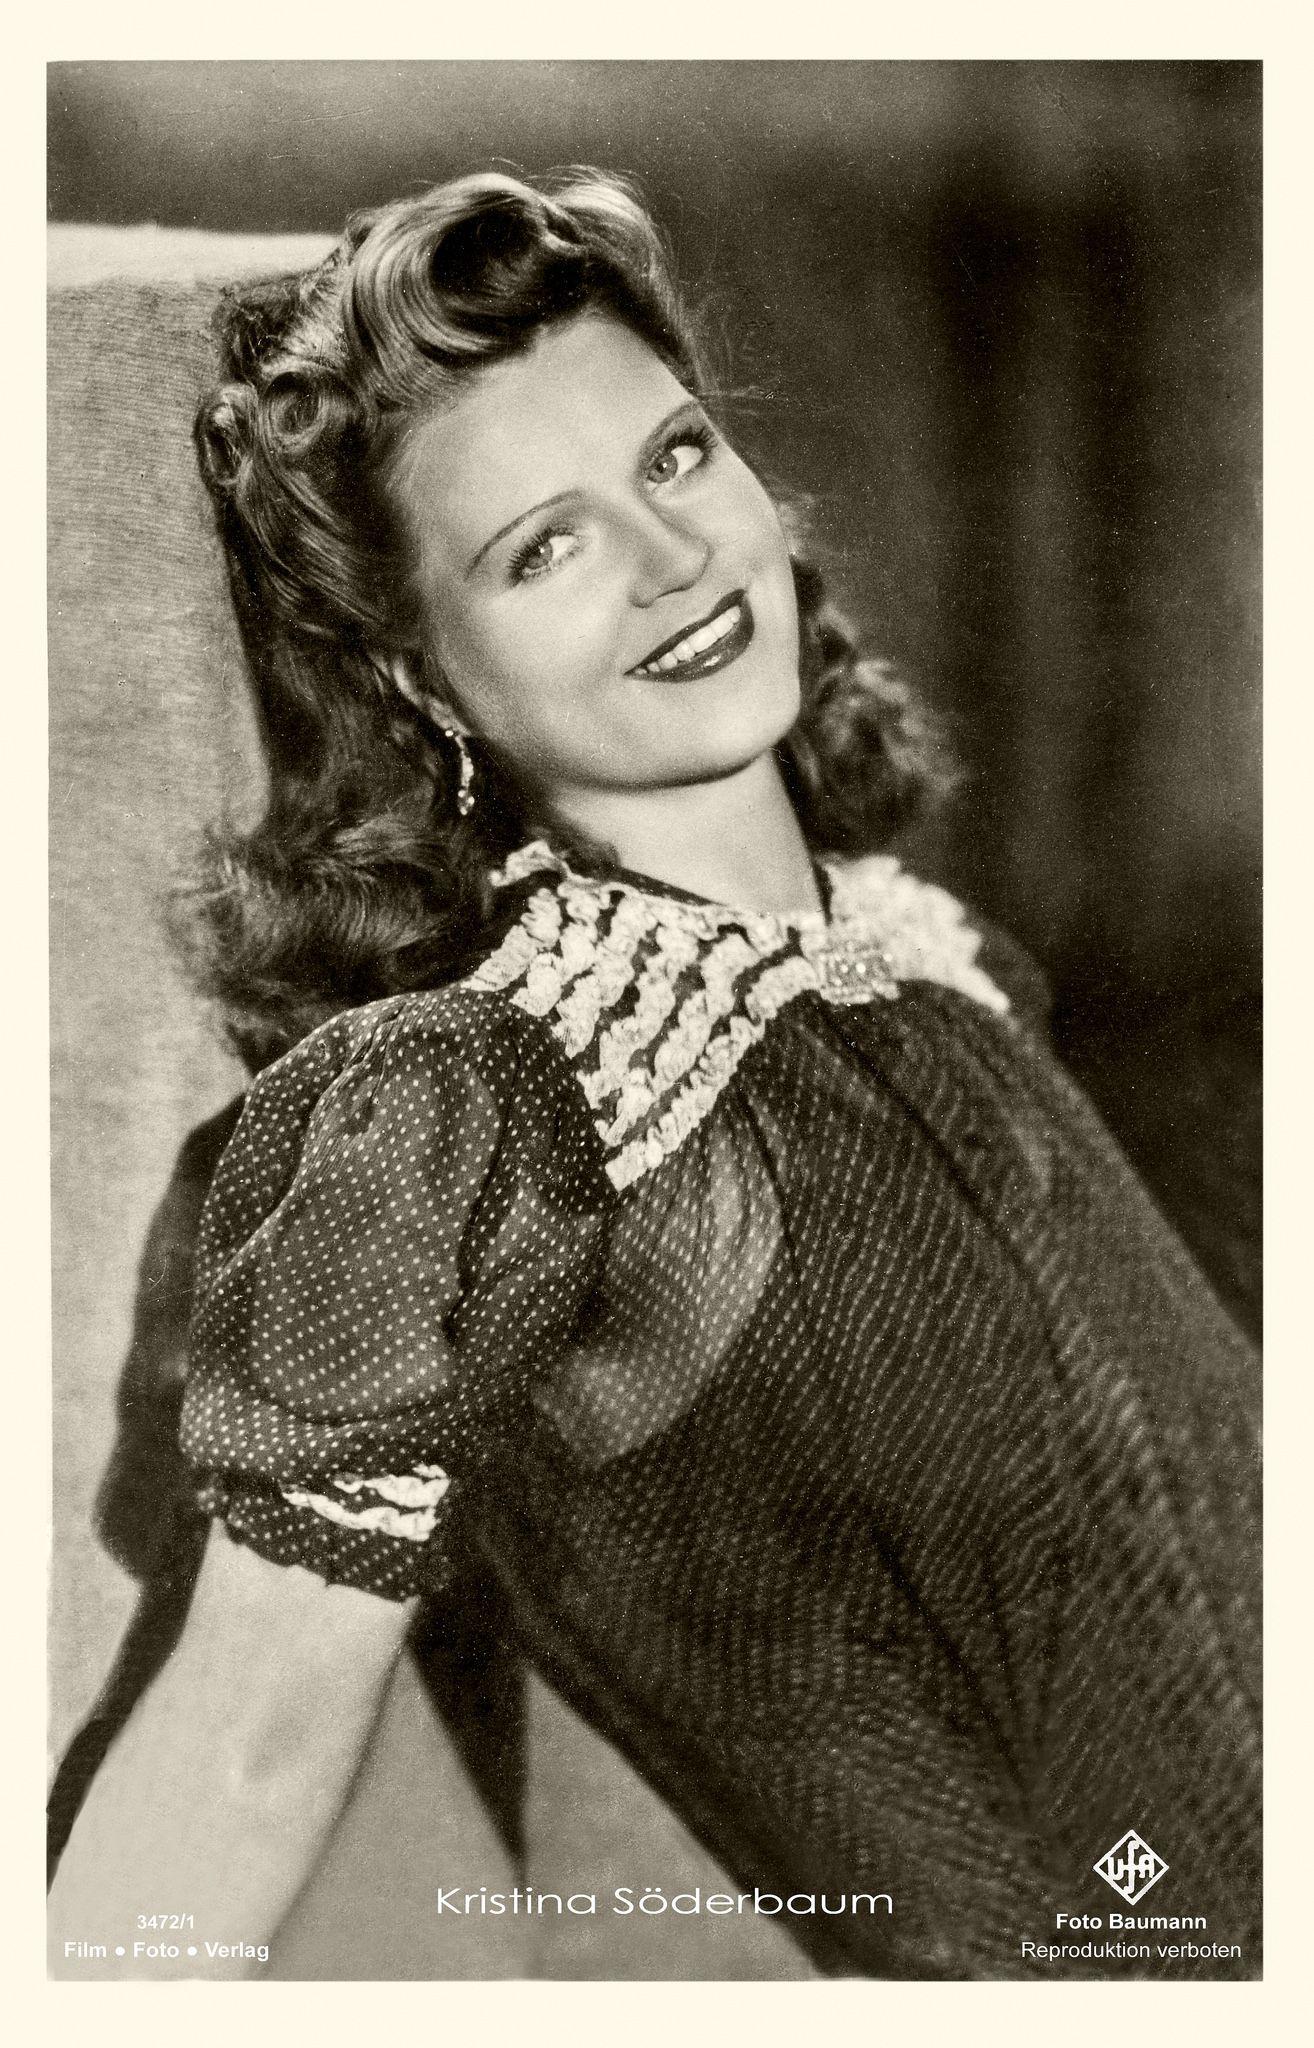 Kristina Söderbaum 1938 Darsteller, Schauspieler, Filme